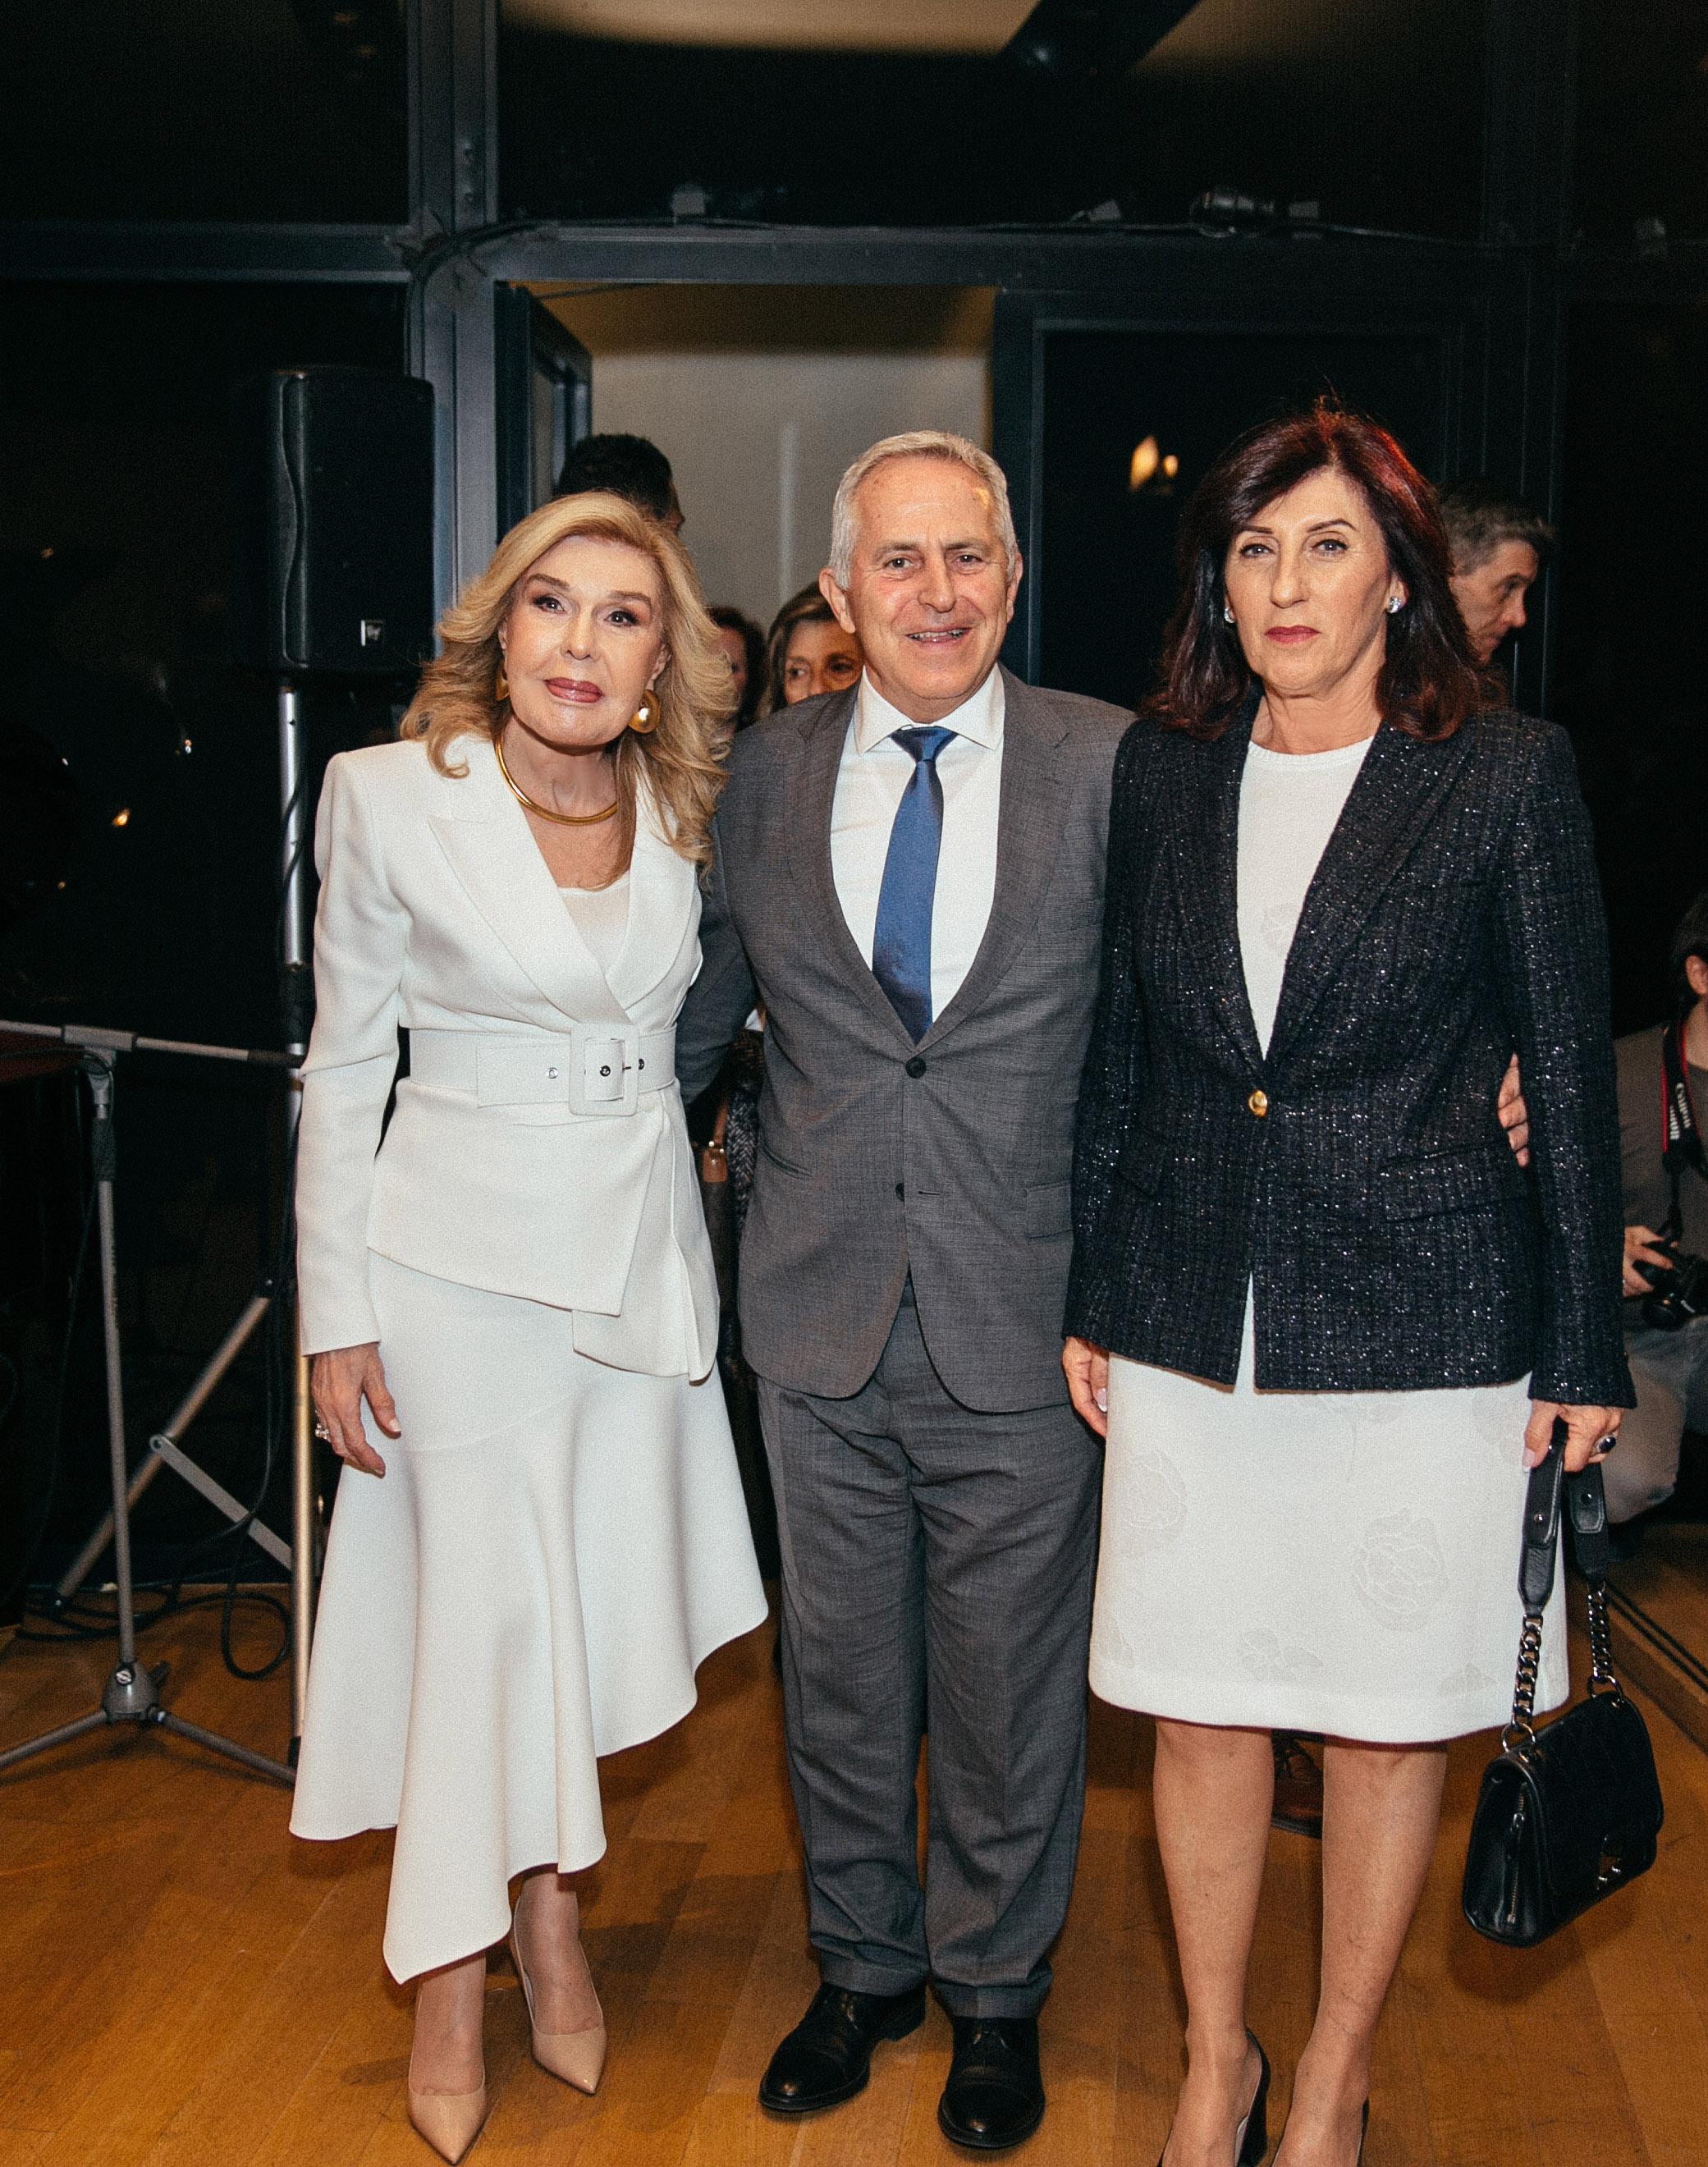 Η Μαριάννα Β. Βαρδινογιάννη υποδέχεται τον Υπουργό Εθνικής Άμυνας Ευάγγελο Αποστολάκη και την σύζυγό του Δέσποινα